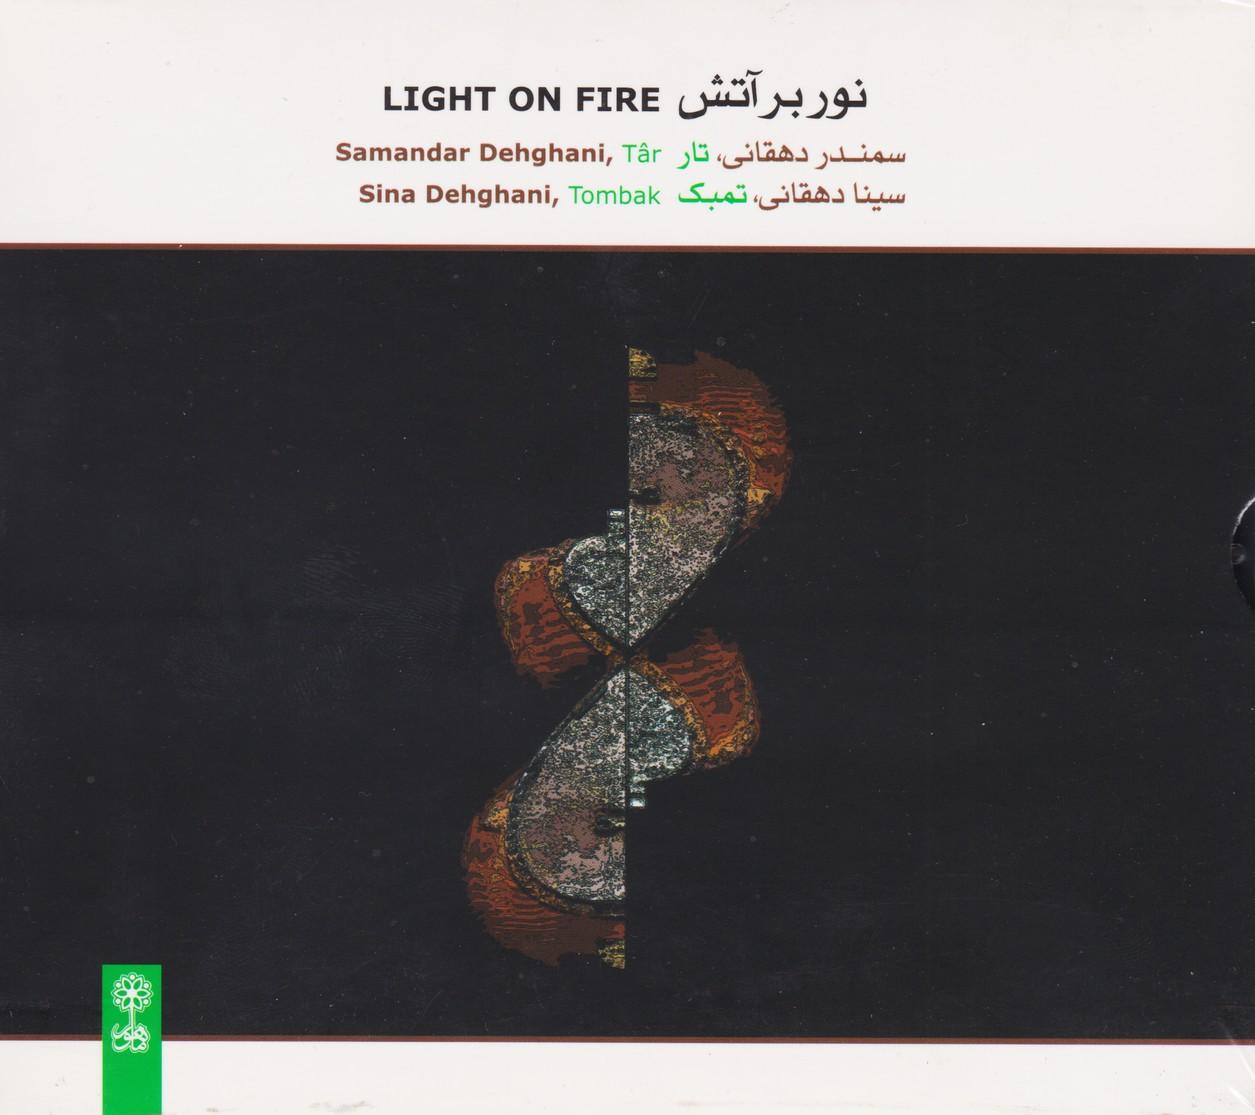 نور بر آتش